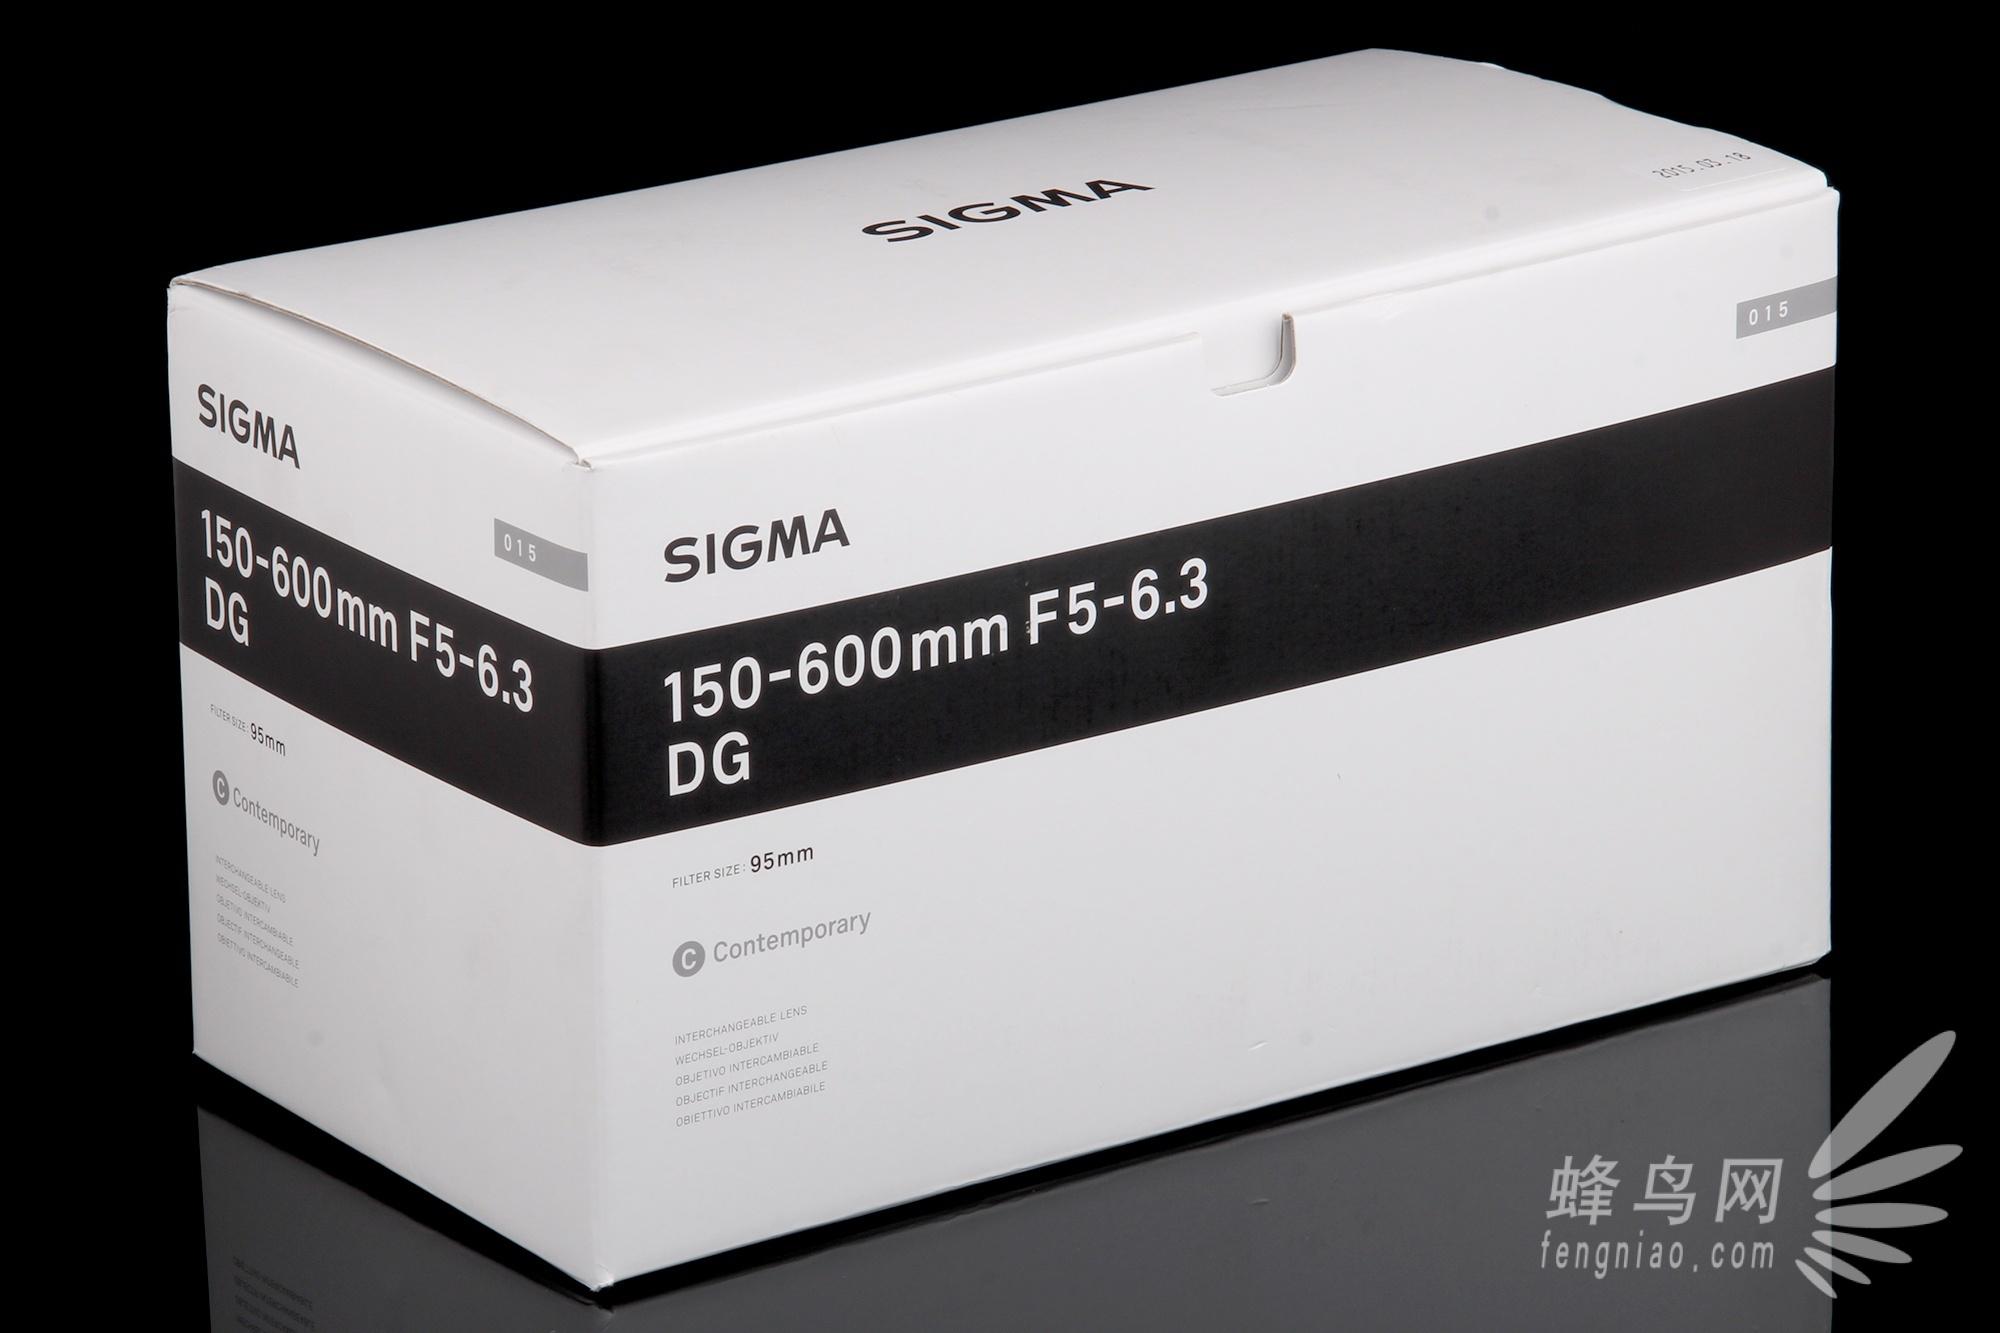 下面我们就来看一下这款产品的包装内容:这款镜头外包装盒配色设计图片